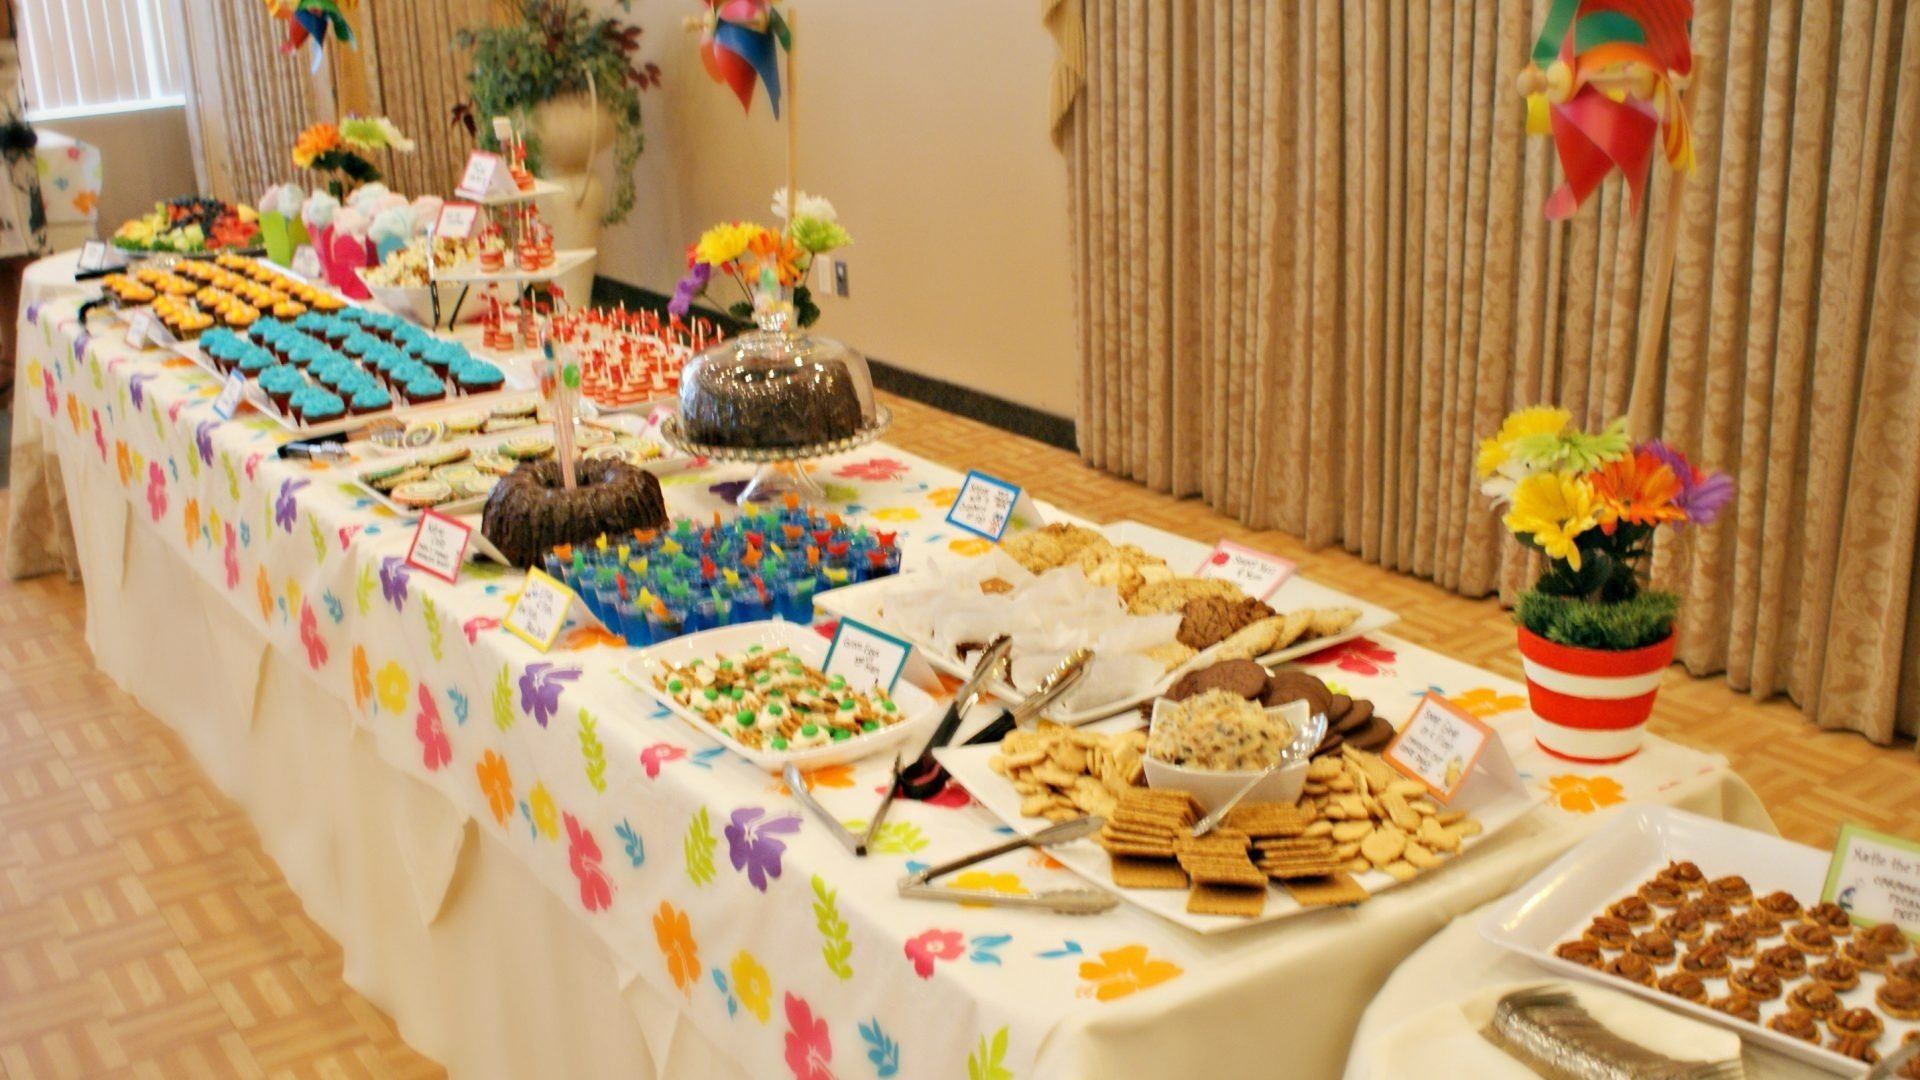 10 Unique Dr Seuss Baby Shower Food Ideas archaicawful dr seussby shower food ideas themed decorations cakes 2020